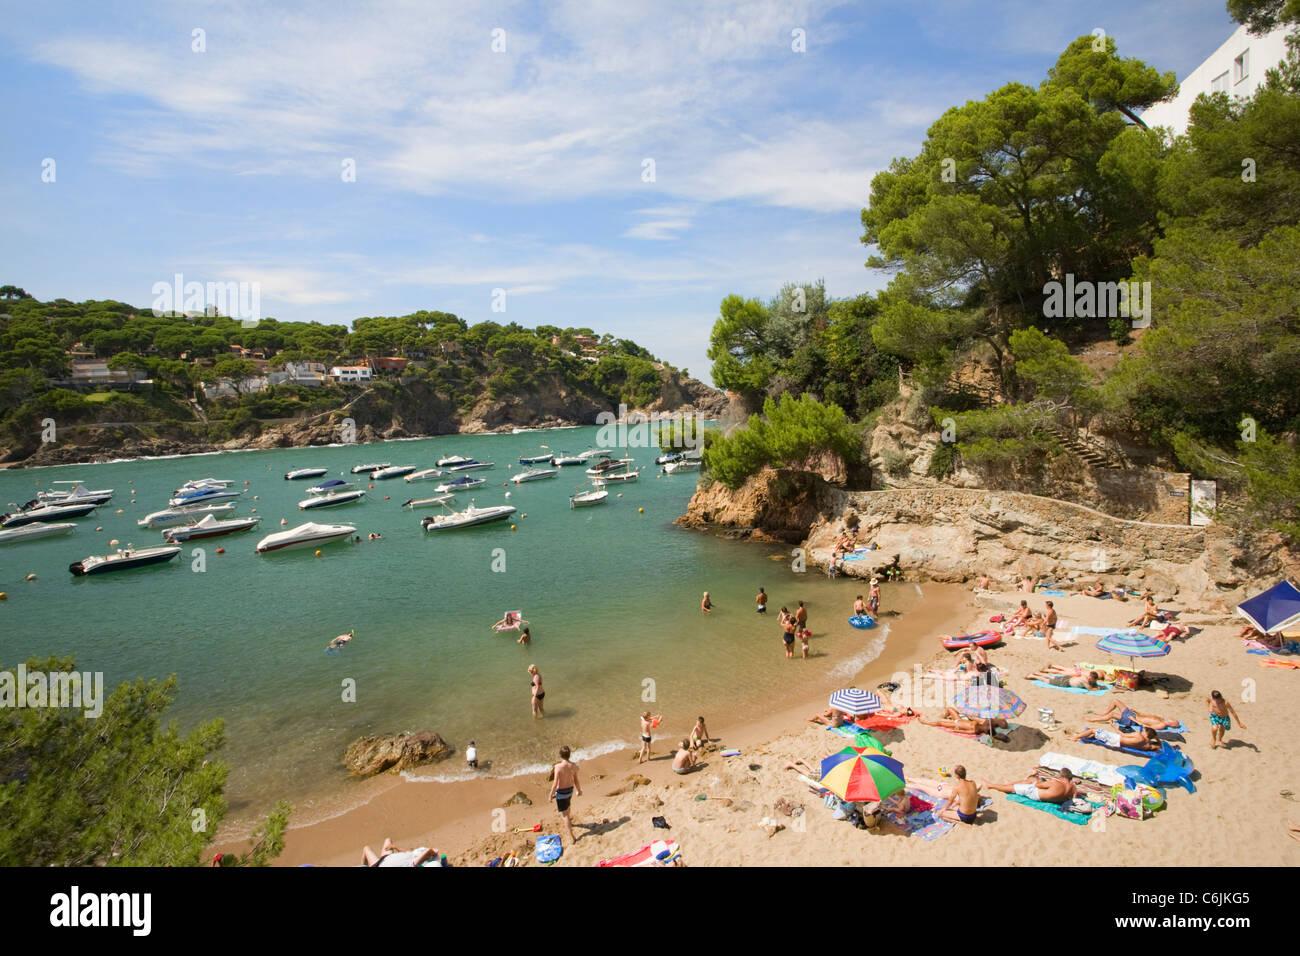 Sa Riera, Costa Brava, Catalogne, Espagne Photo Stock